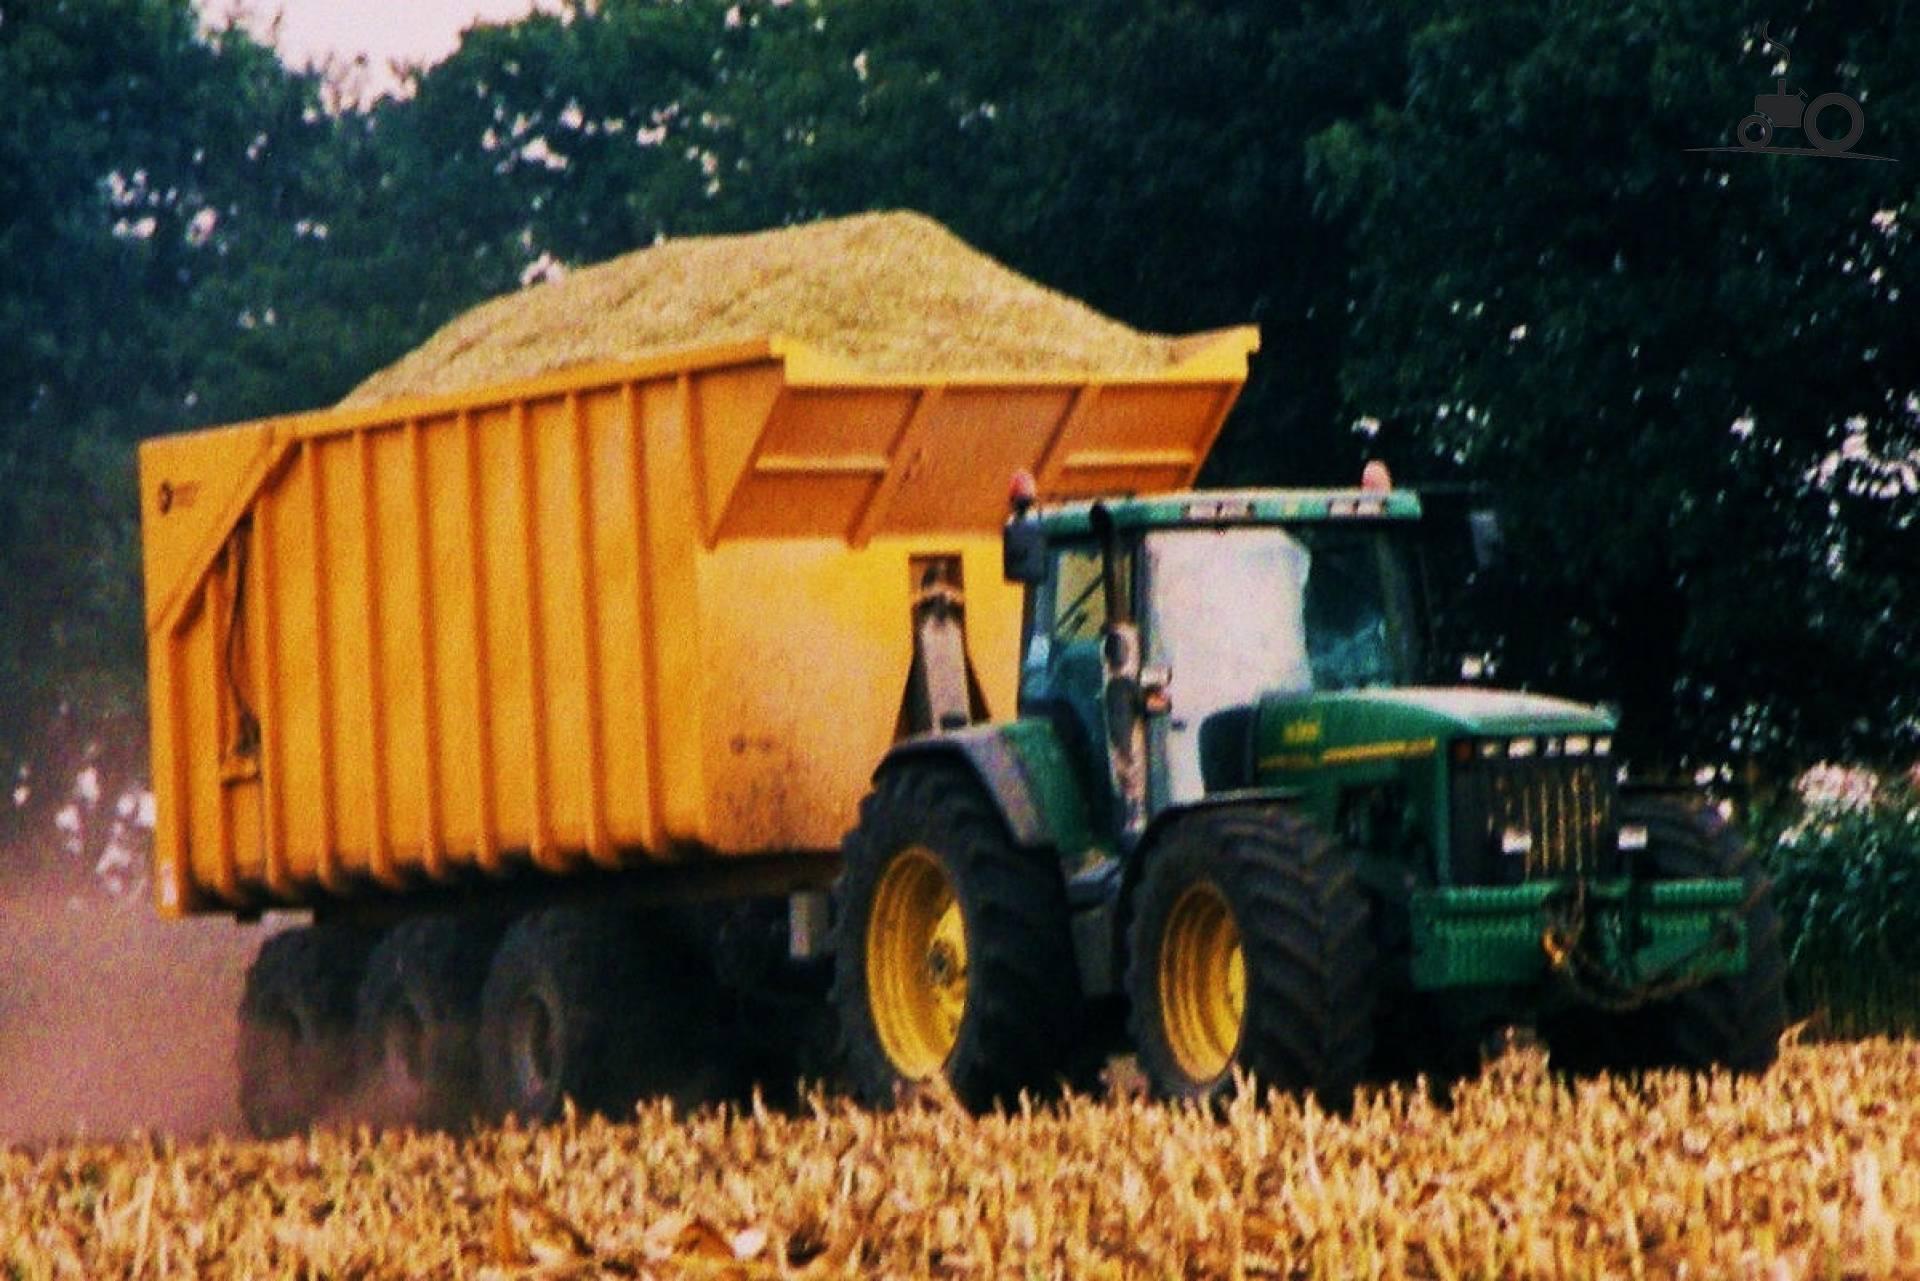 Foto van een john deere 8100 druk bezig met maïs hakselen 4 jaar